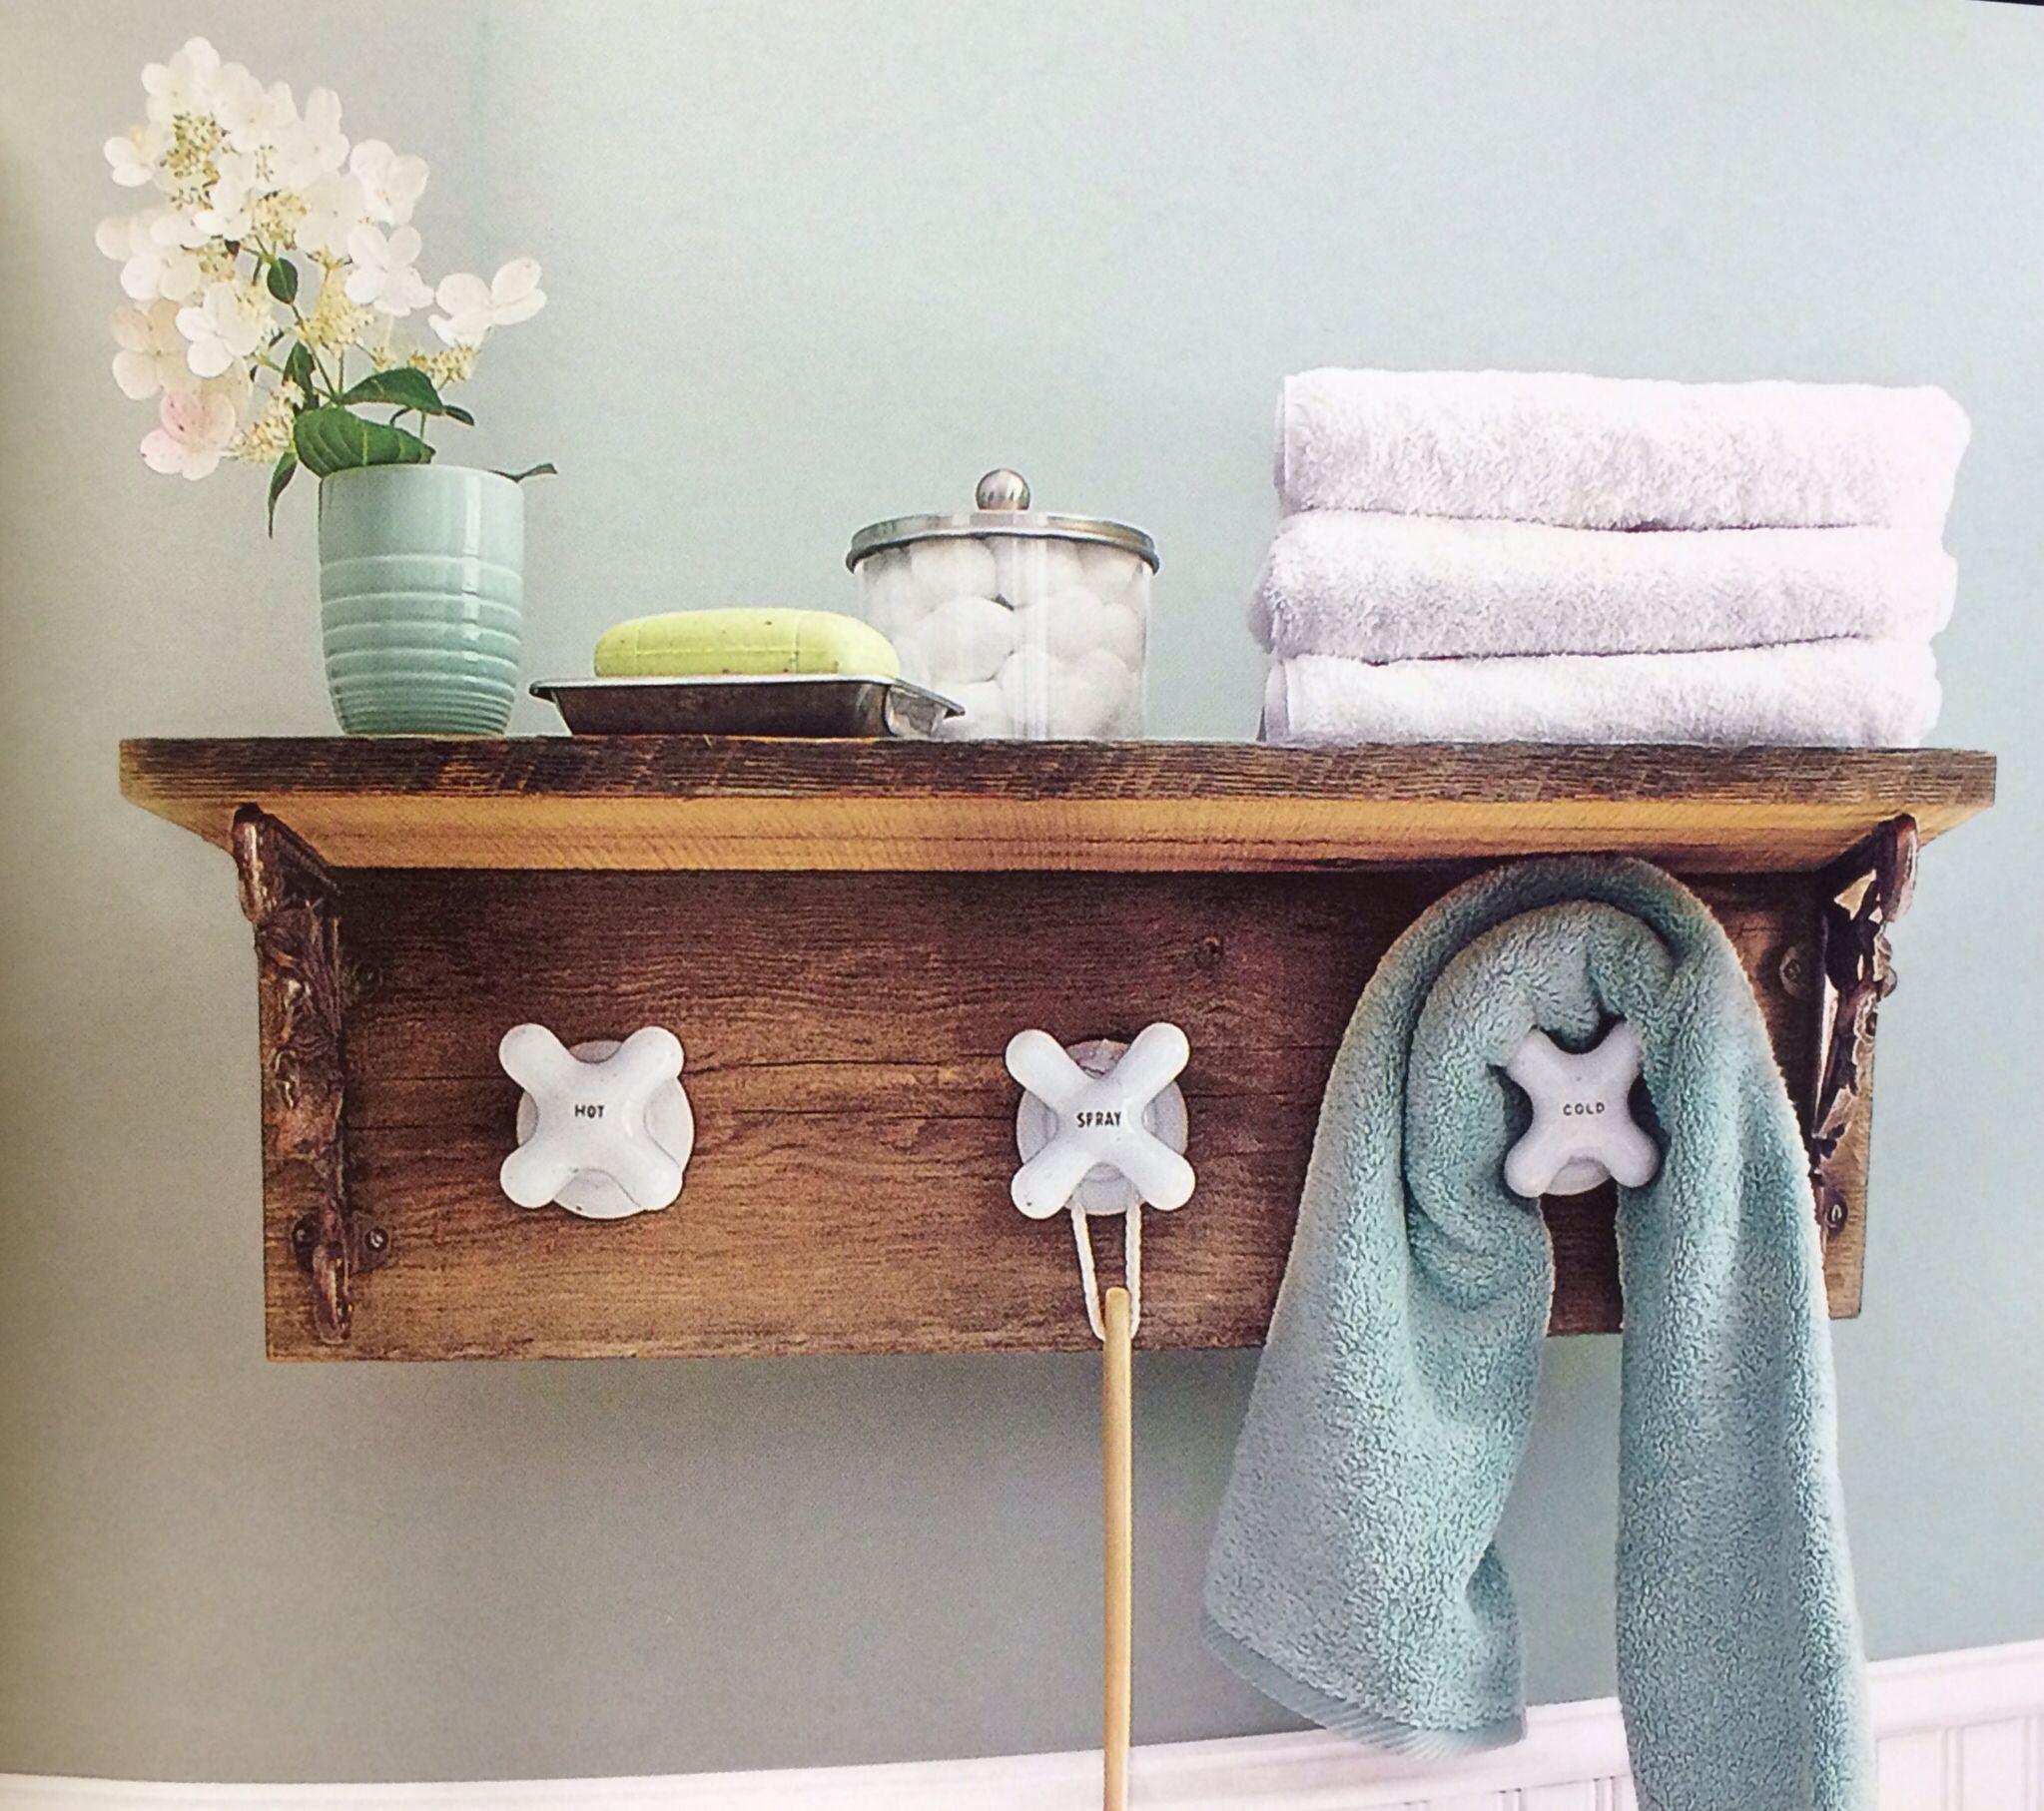 Pin De Karen Aasen Rodriguez En Bathroom Pinterest Espacios # Muebles Nestor Rodriguez